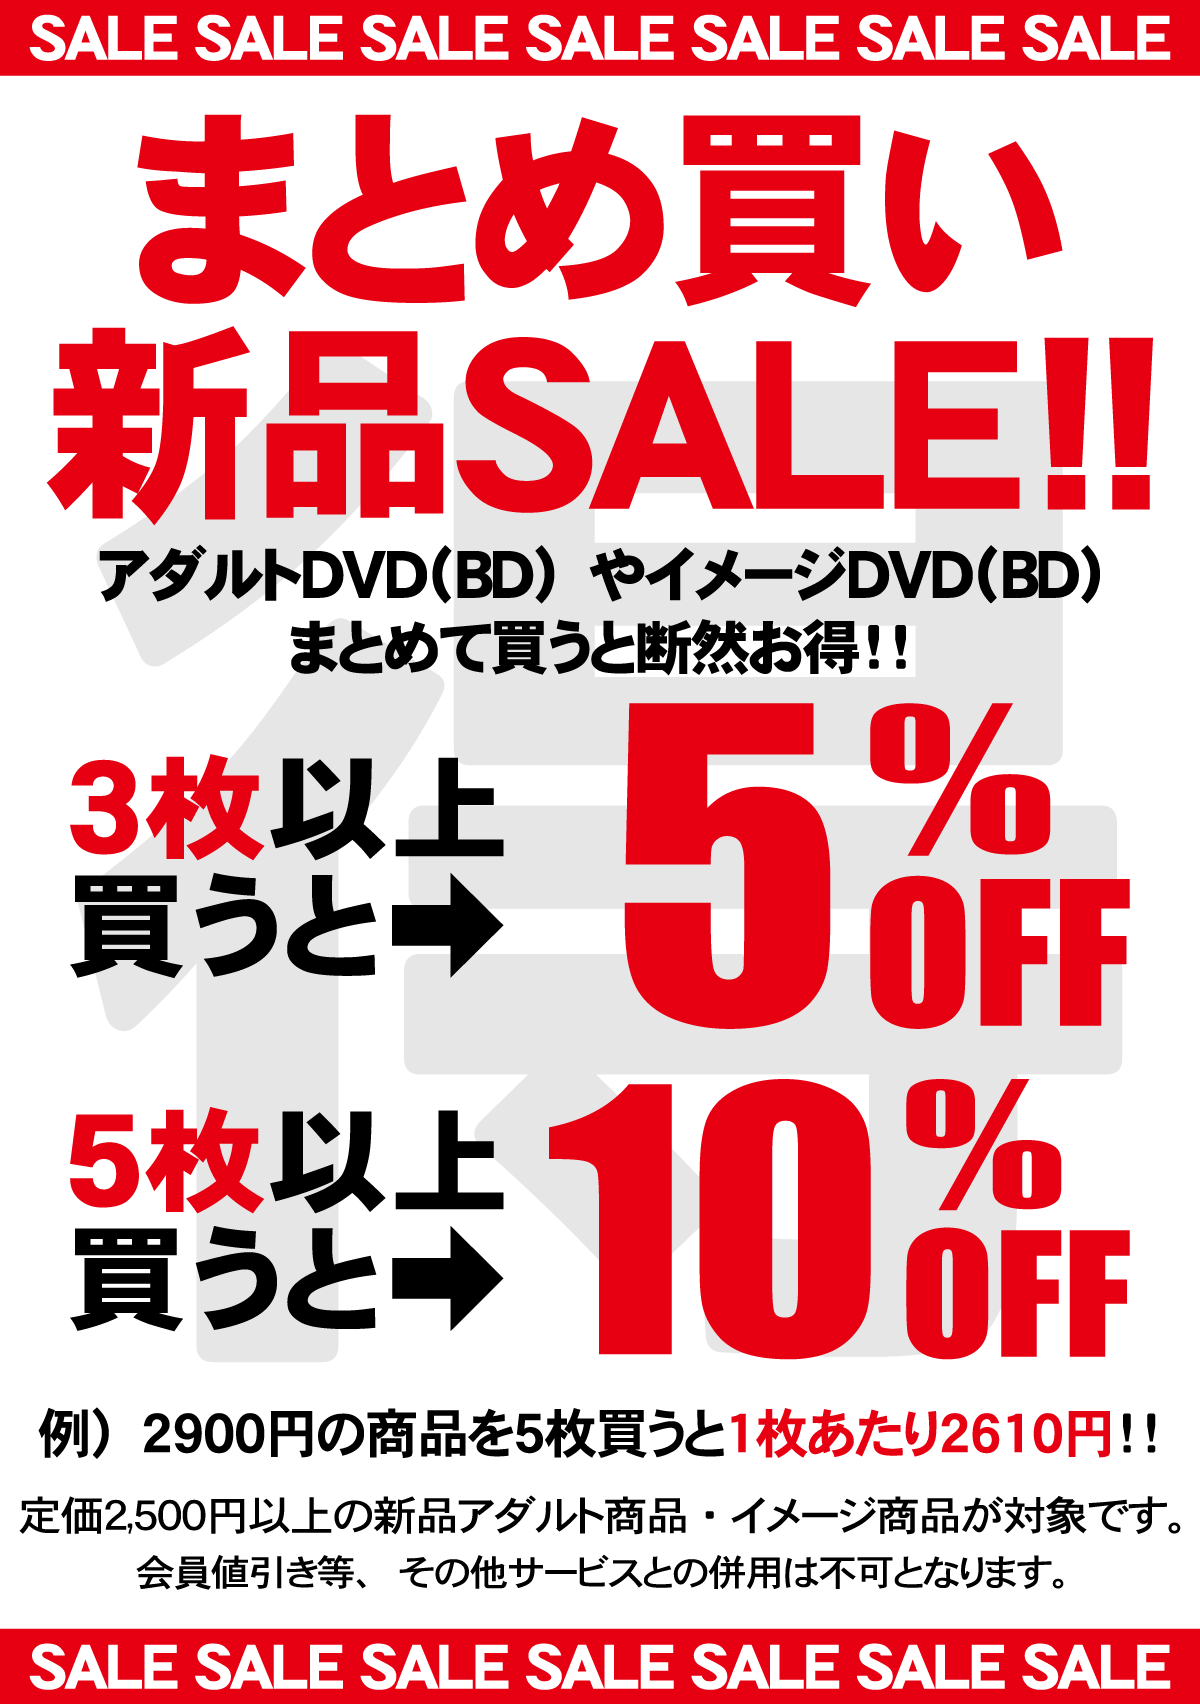 まとめ買い新品SALE!!